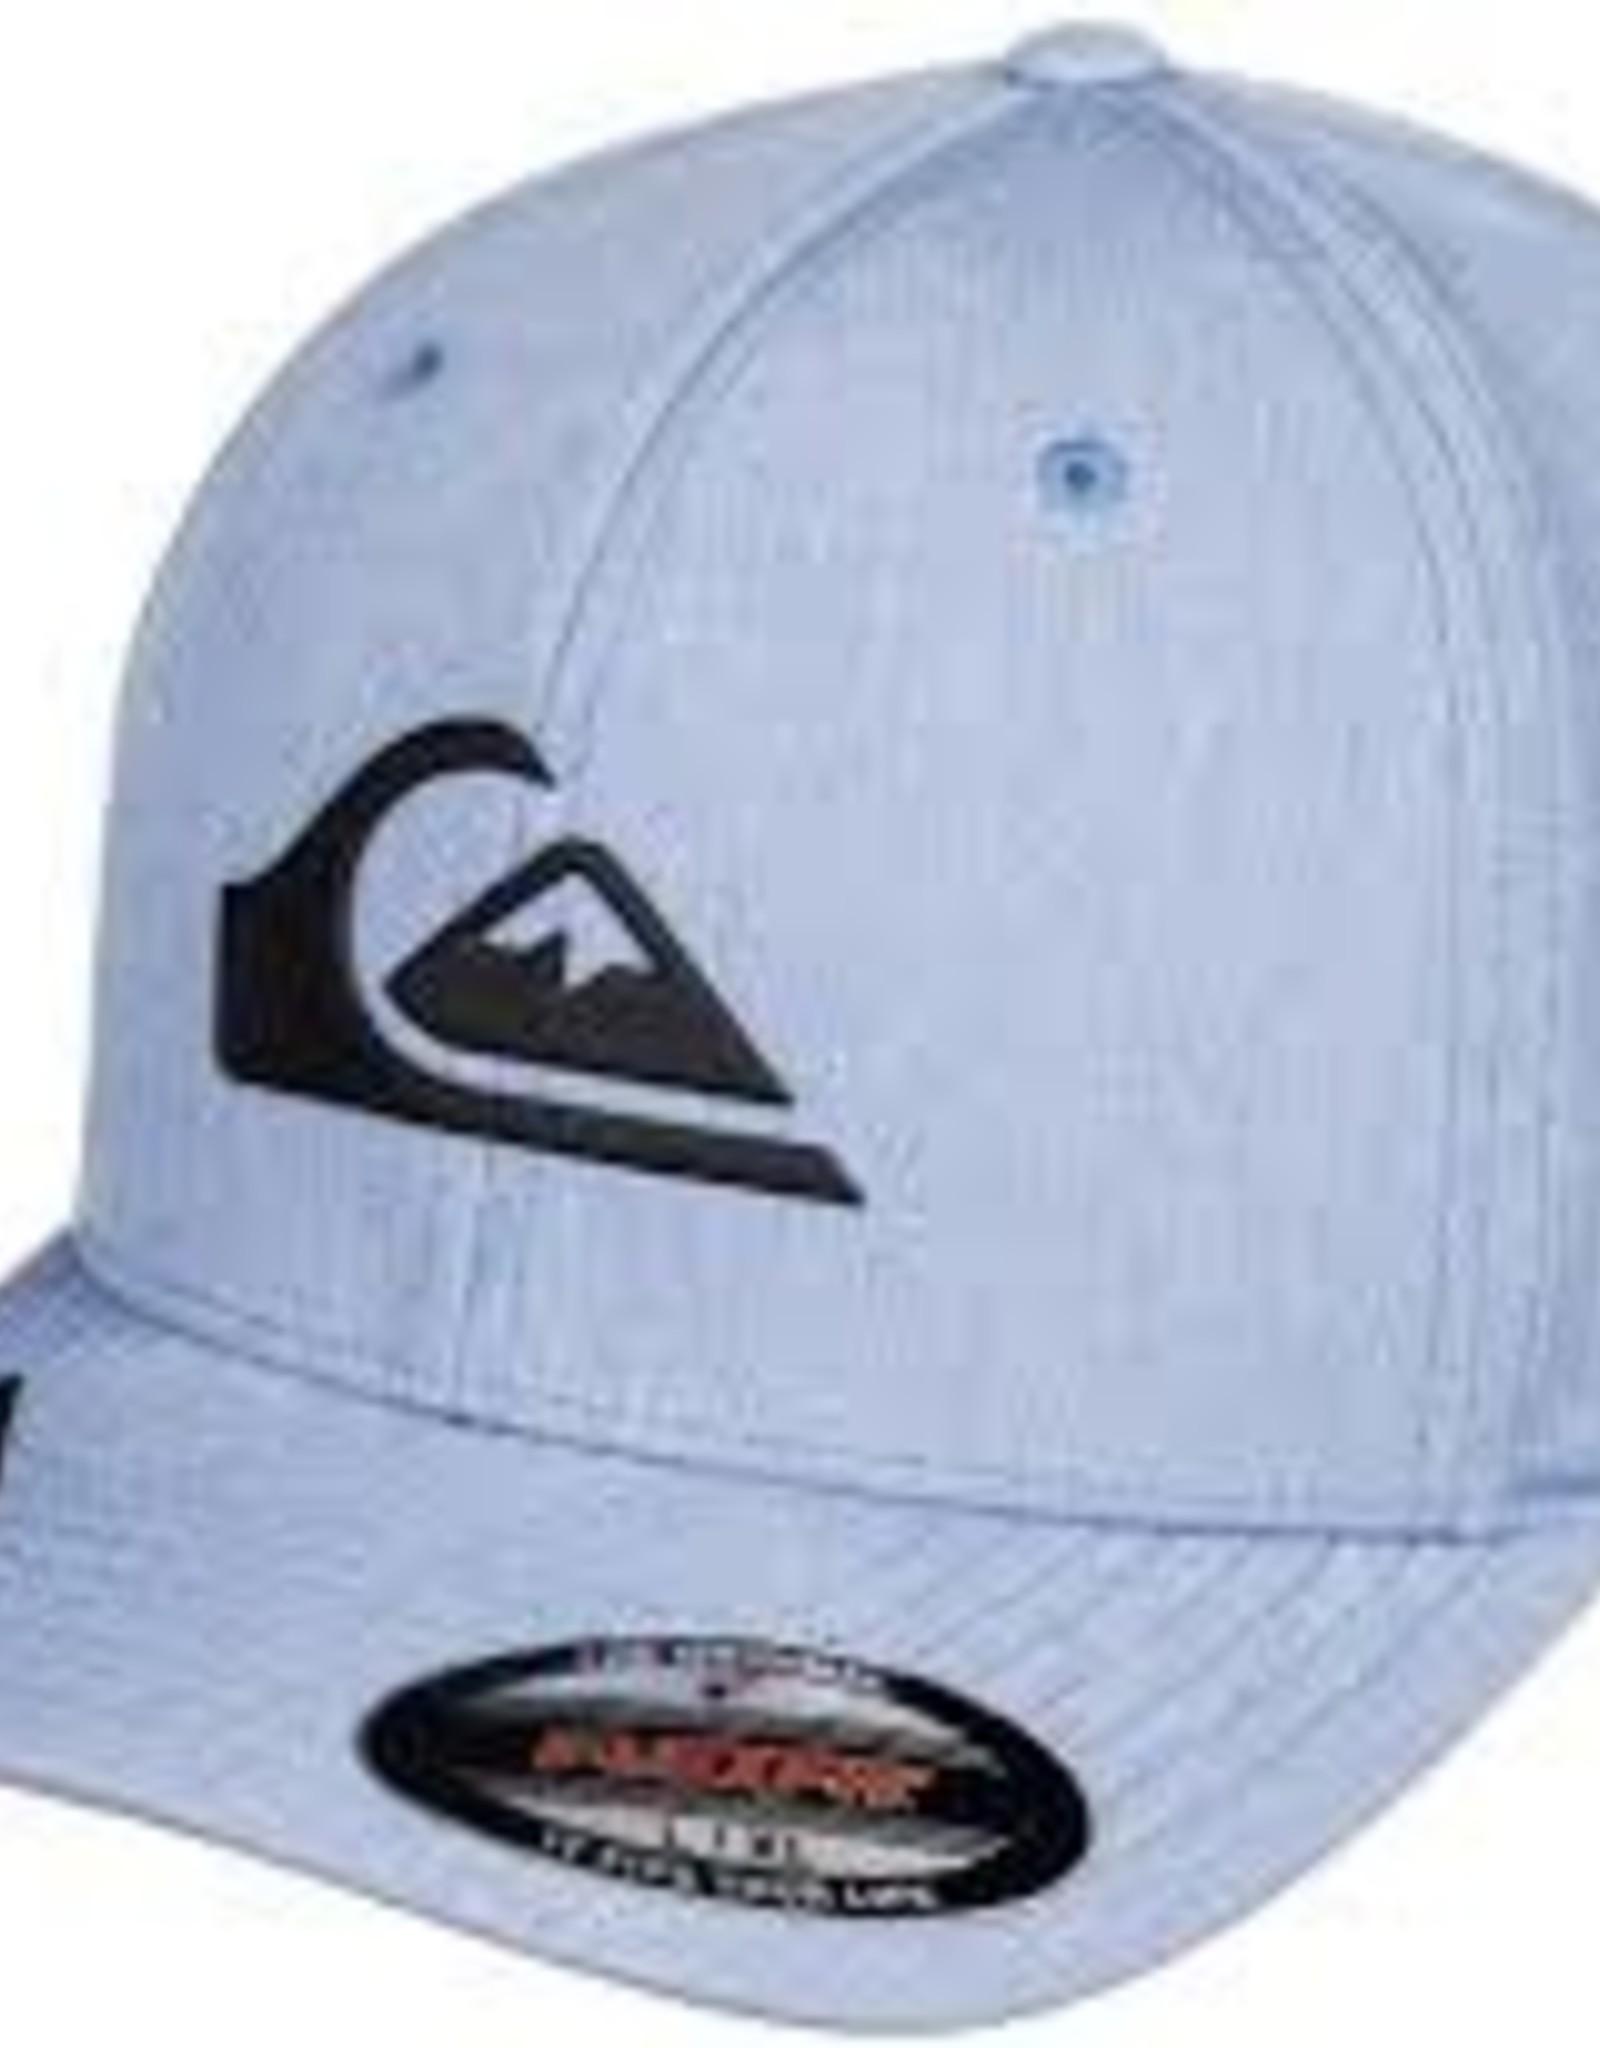 quiksilver Quiksilver Amped Up Hat AQYHA0614